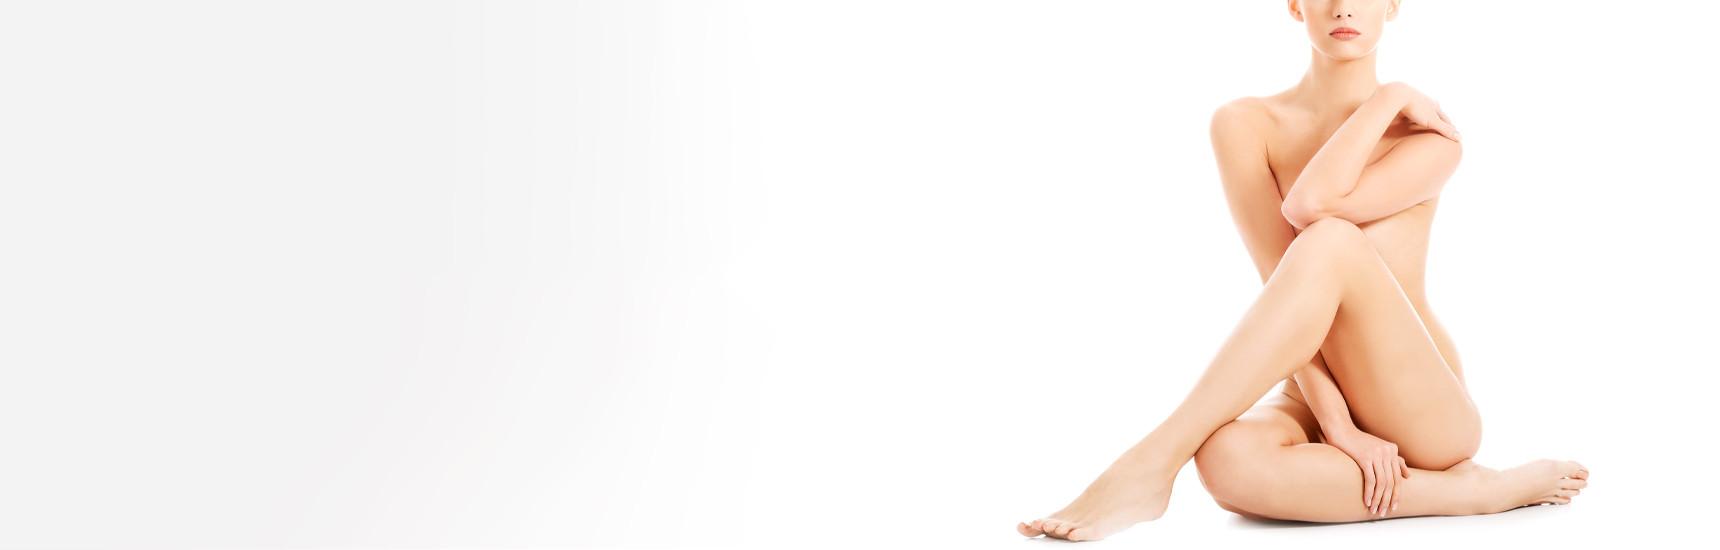 produkty antycellulitowe i redukujące tkankę tłuszczową